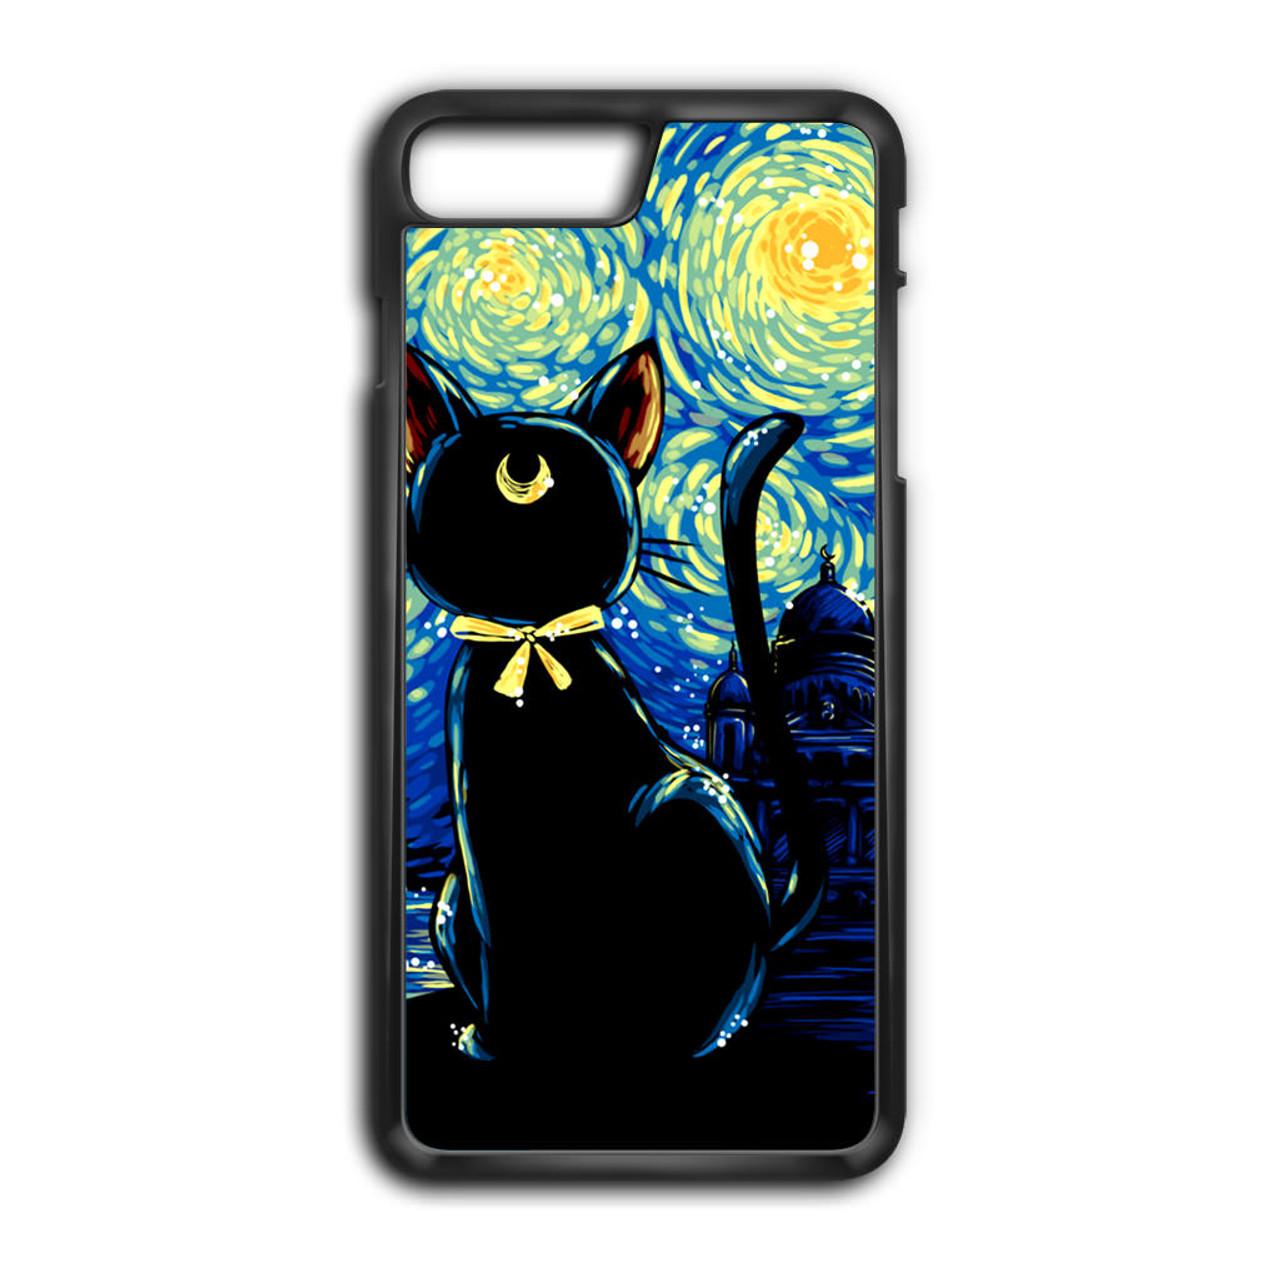 claires iphone 7 case